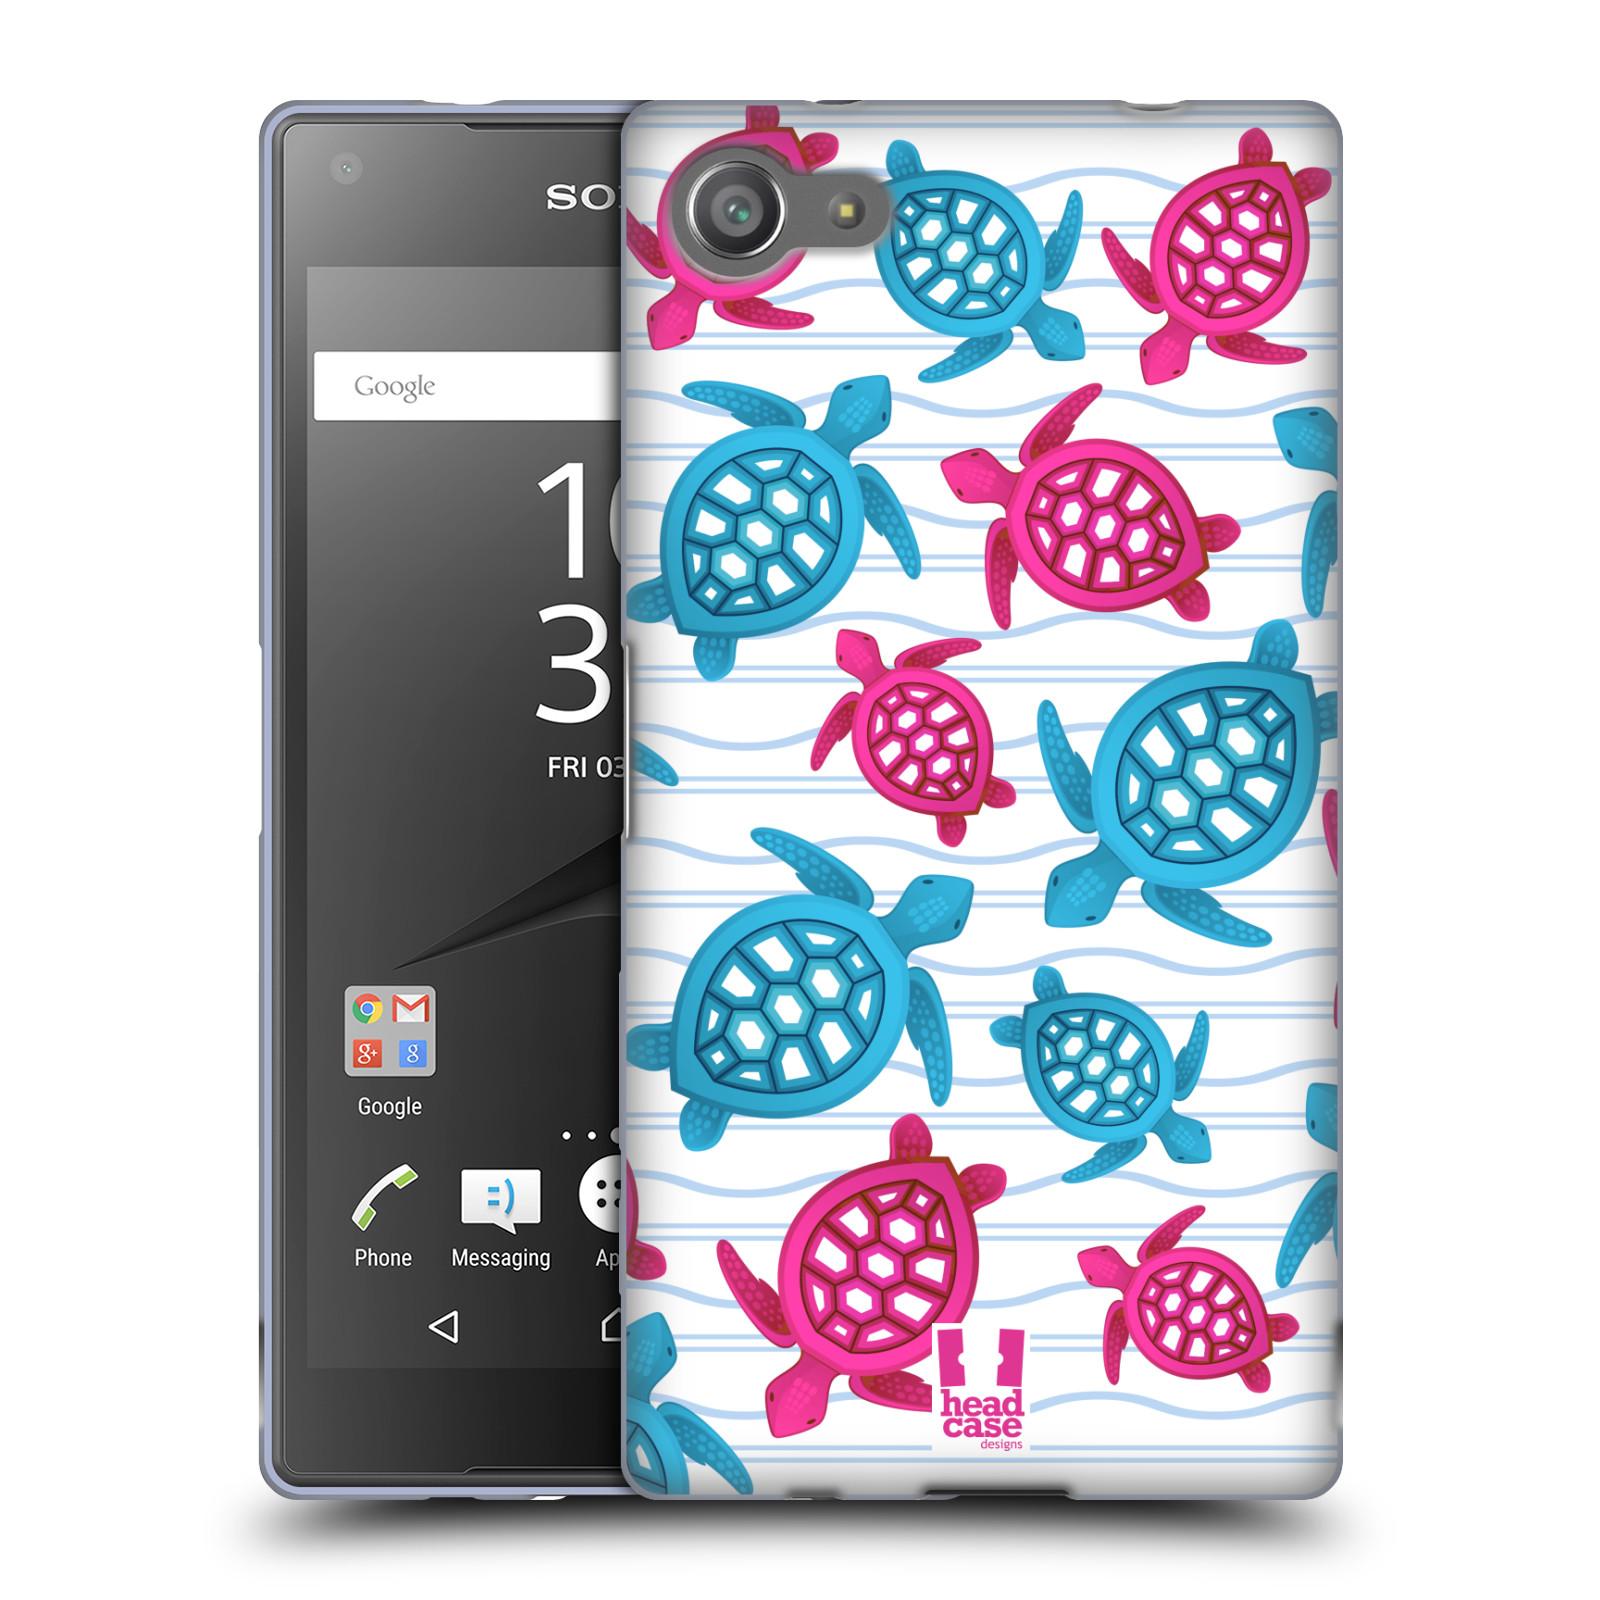 HEAD CASE silikonový obal na mobil Sony Xperia Z5 COMPACT vzor mořský živočich želva modrá a růžová